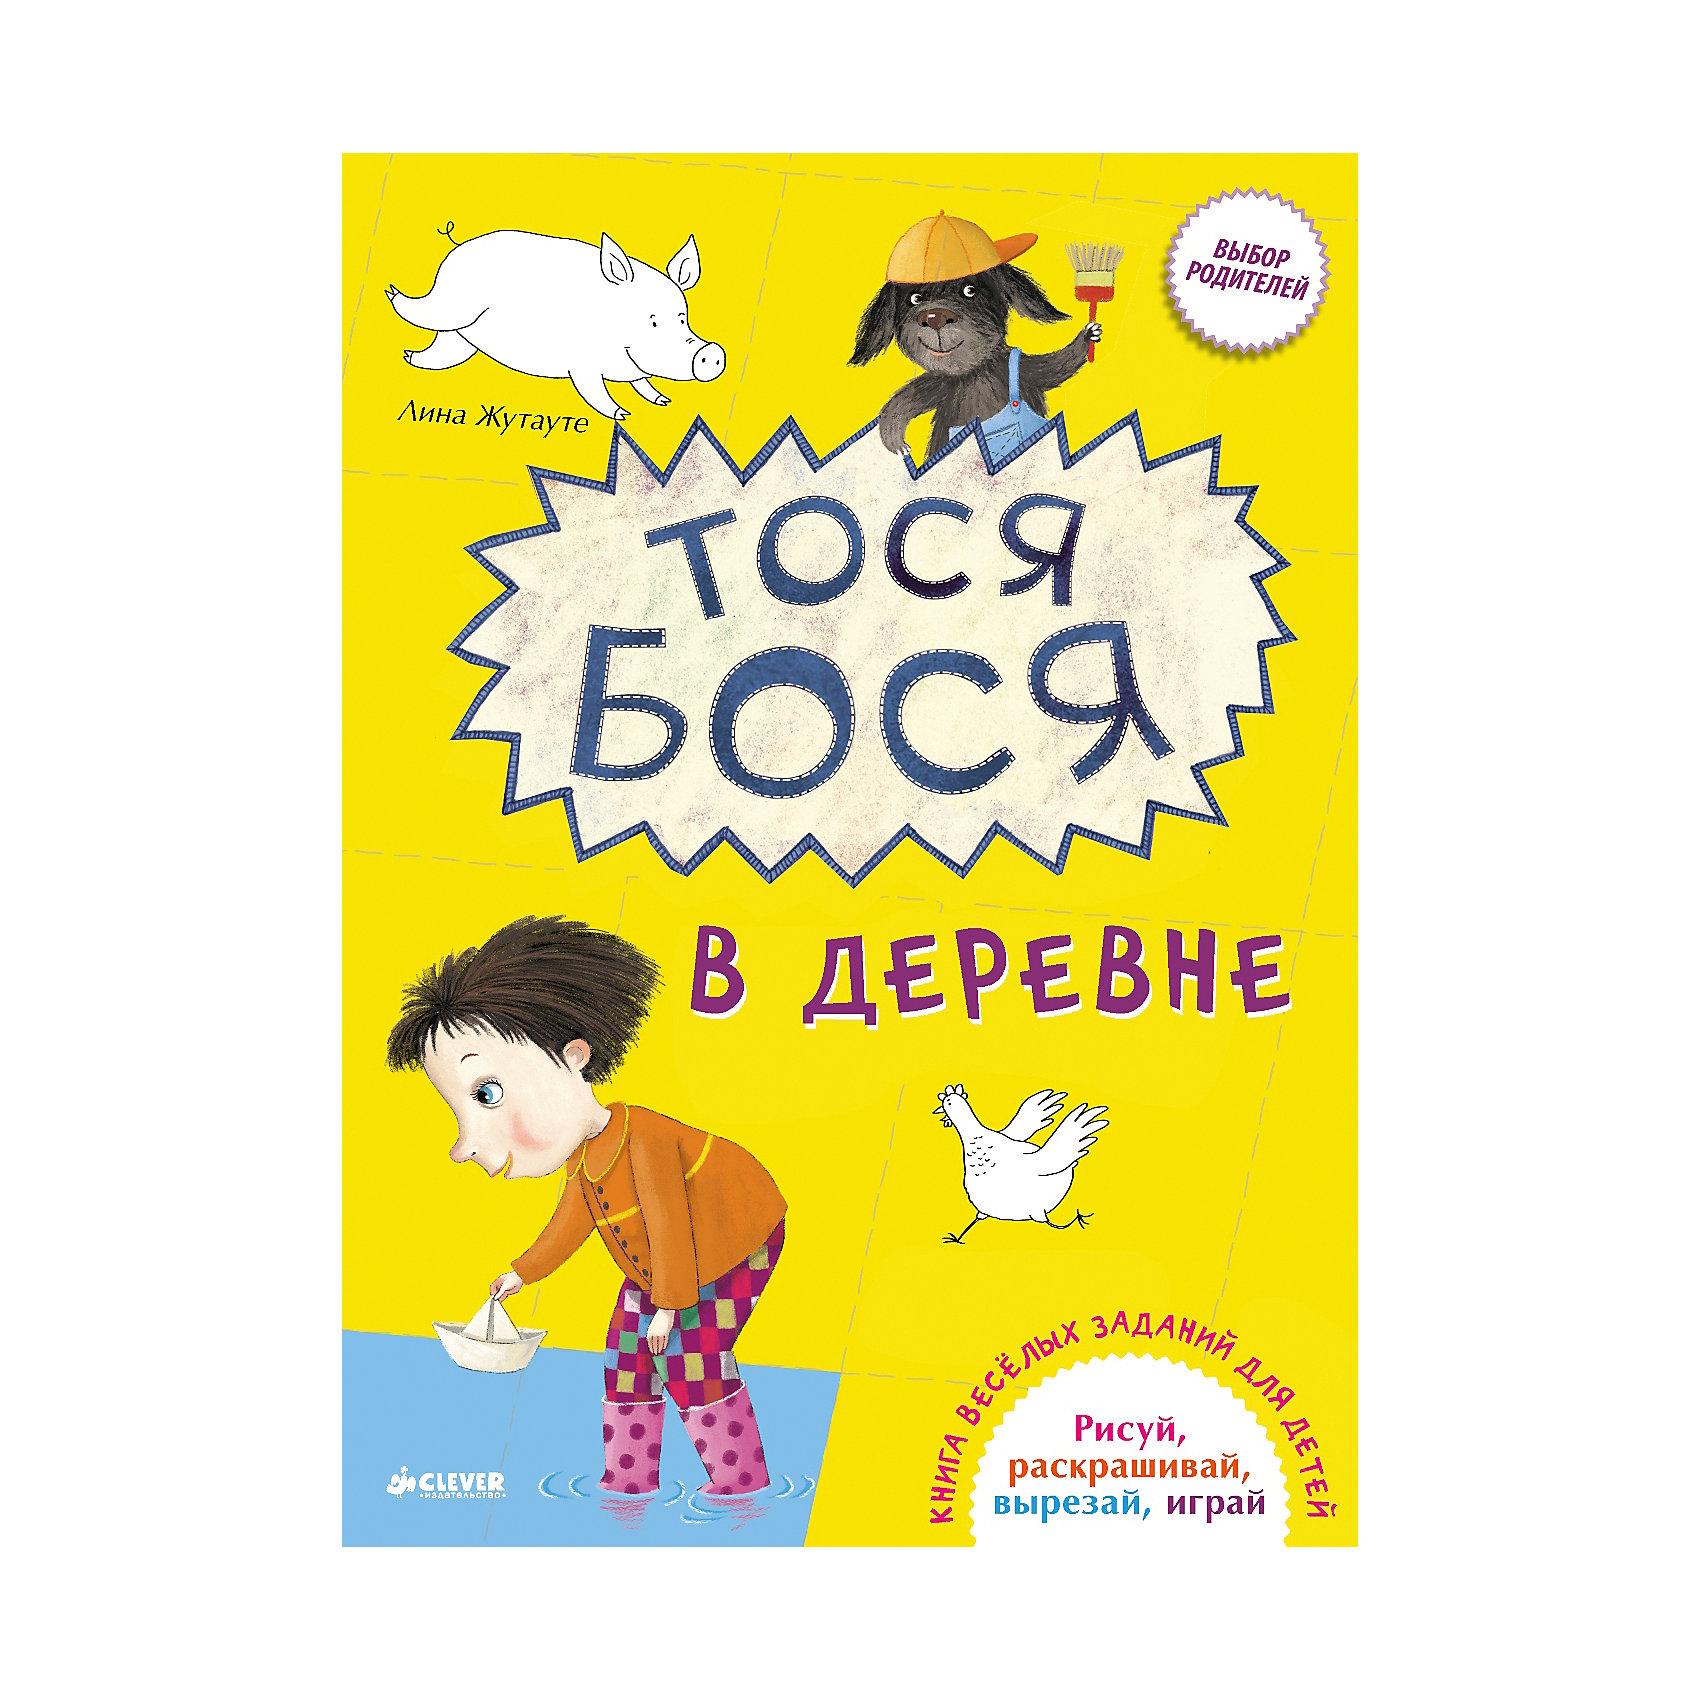 Clever Тося Бося в деревне, Л. Жутауте clever книга тося бося идёт в зоопарк 3